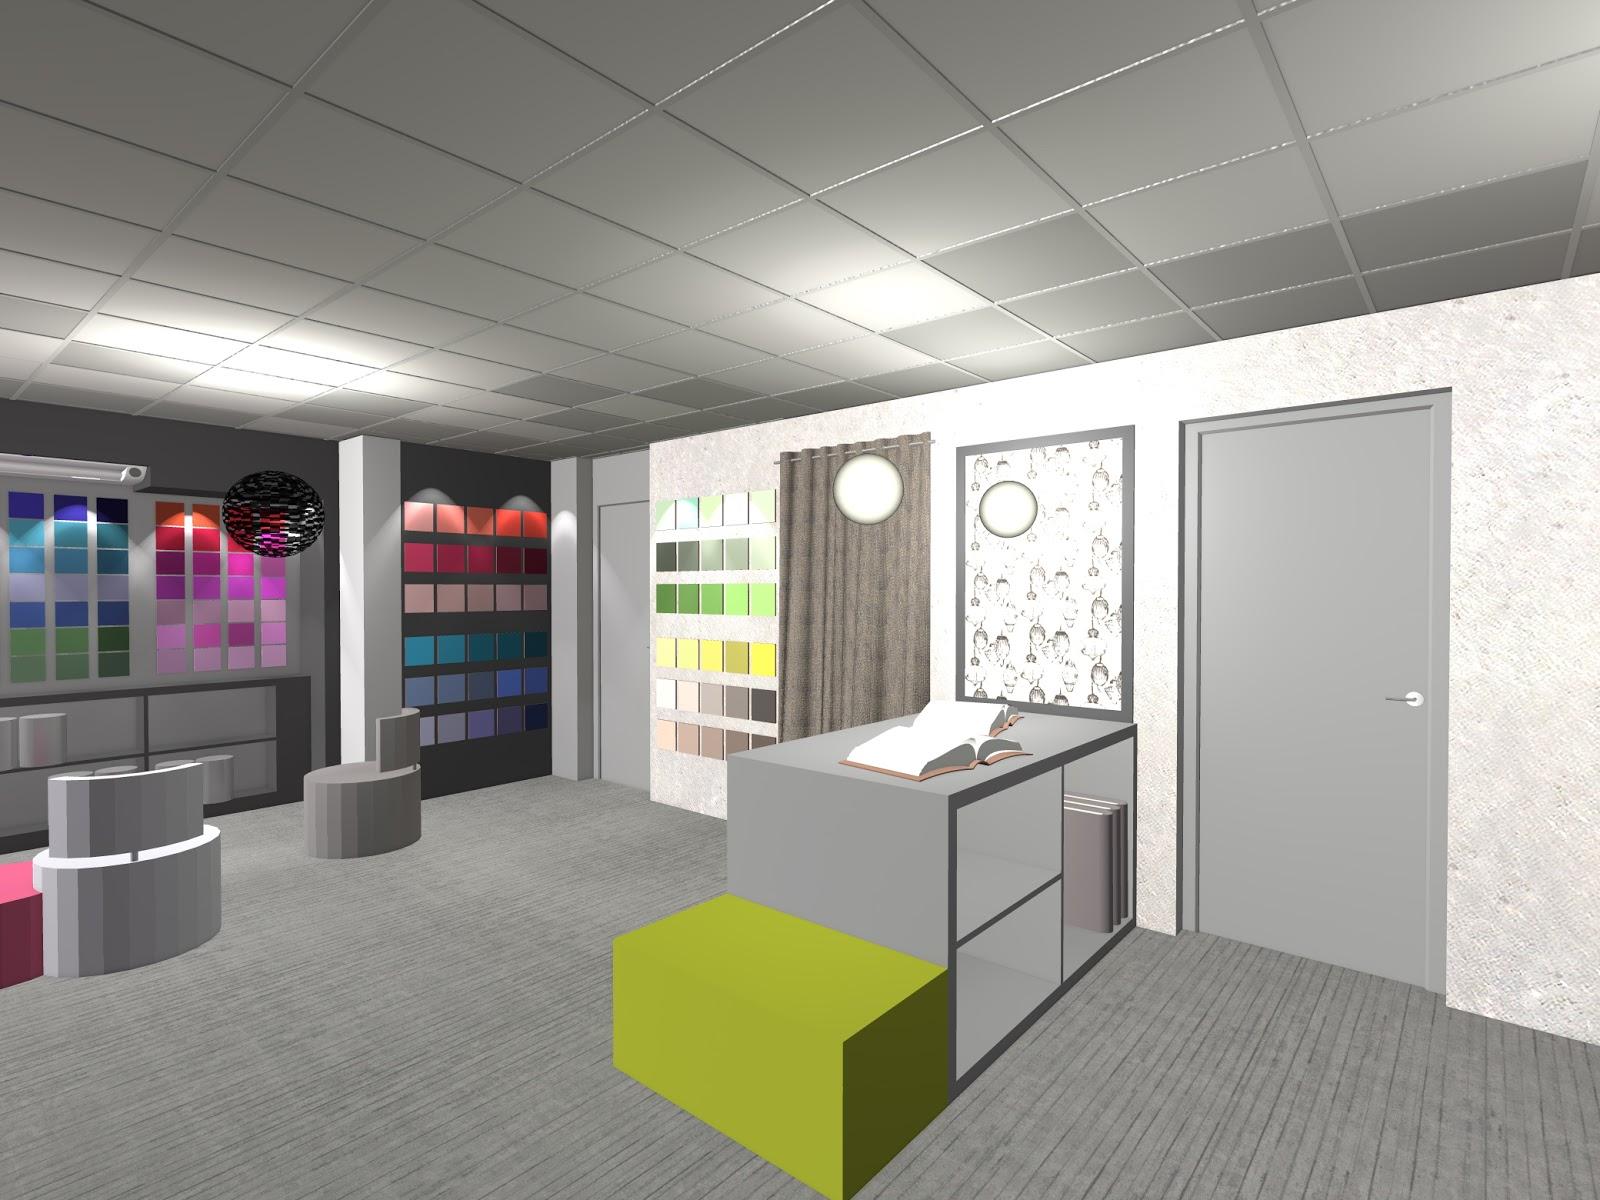 papier peint chantemur violet mulhouse prix renovation maison ancienne au m2 papier peint. Black Bedroom Furniture Sets. Home Design Ideas